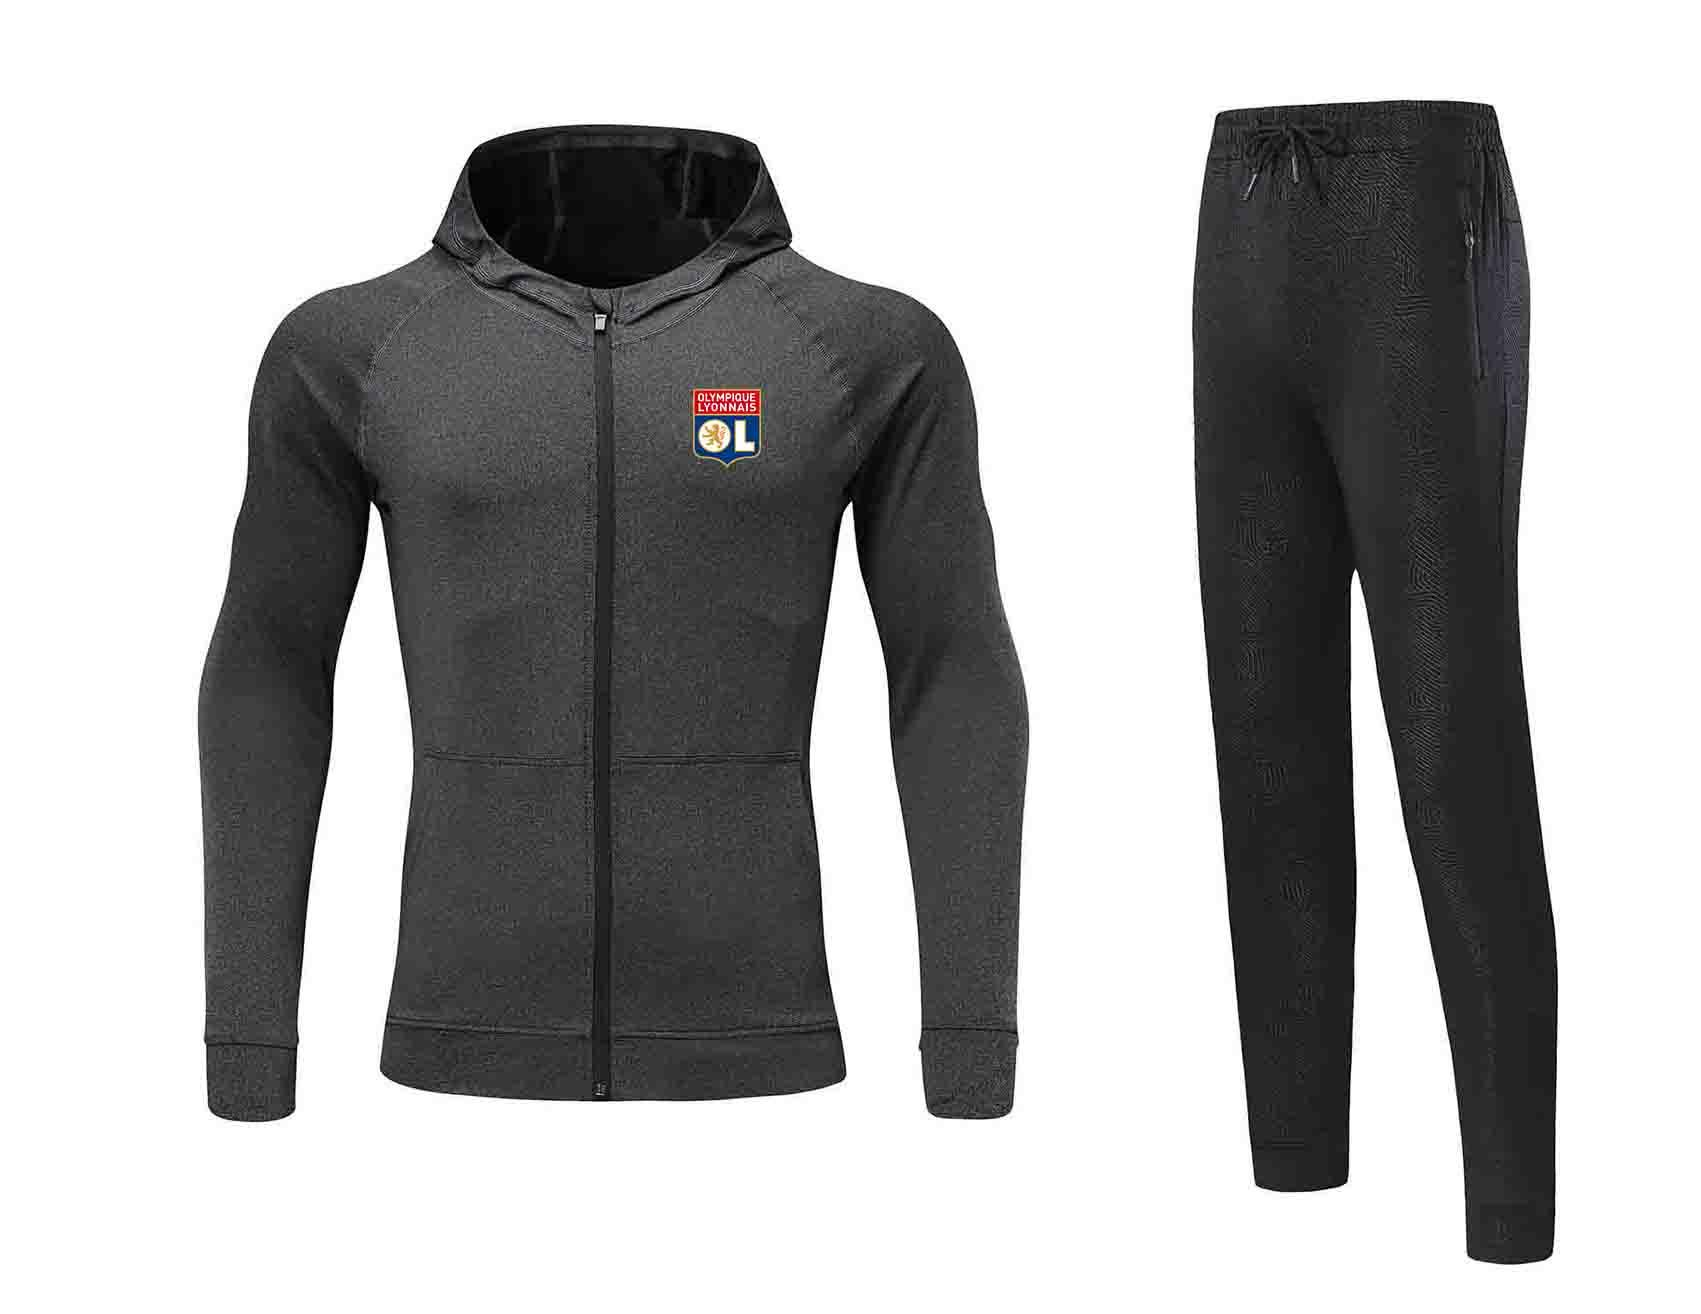 20/21 Olympique Lyonnais Giacca tuta sportiva dei vestiti del calcio Jersey Pant adulti Calcio inverno Set uomini giacca calda